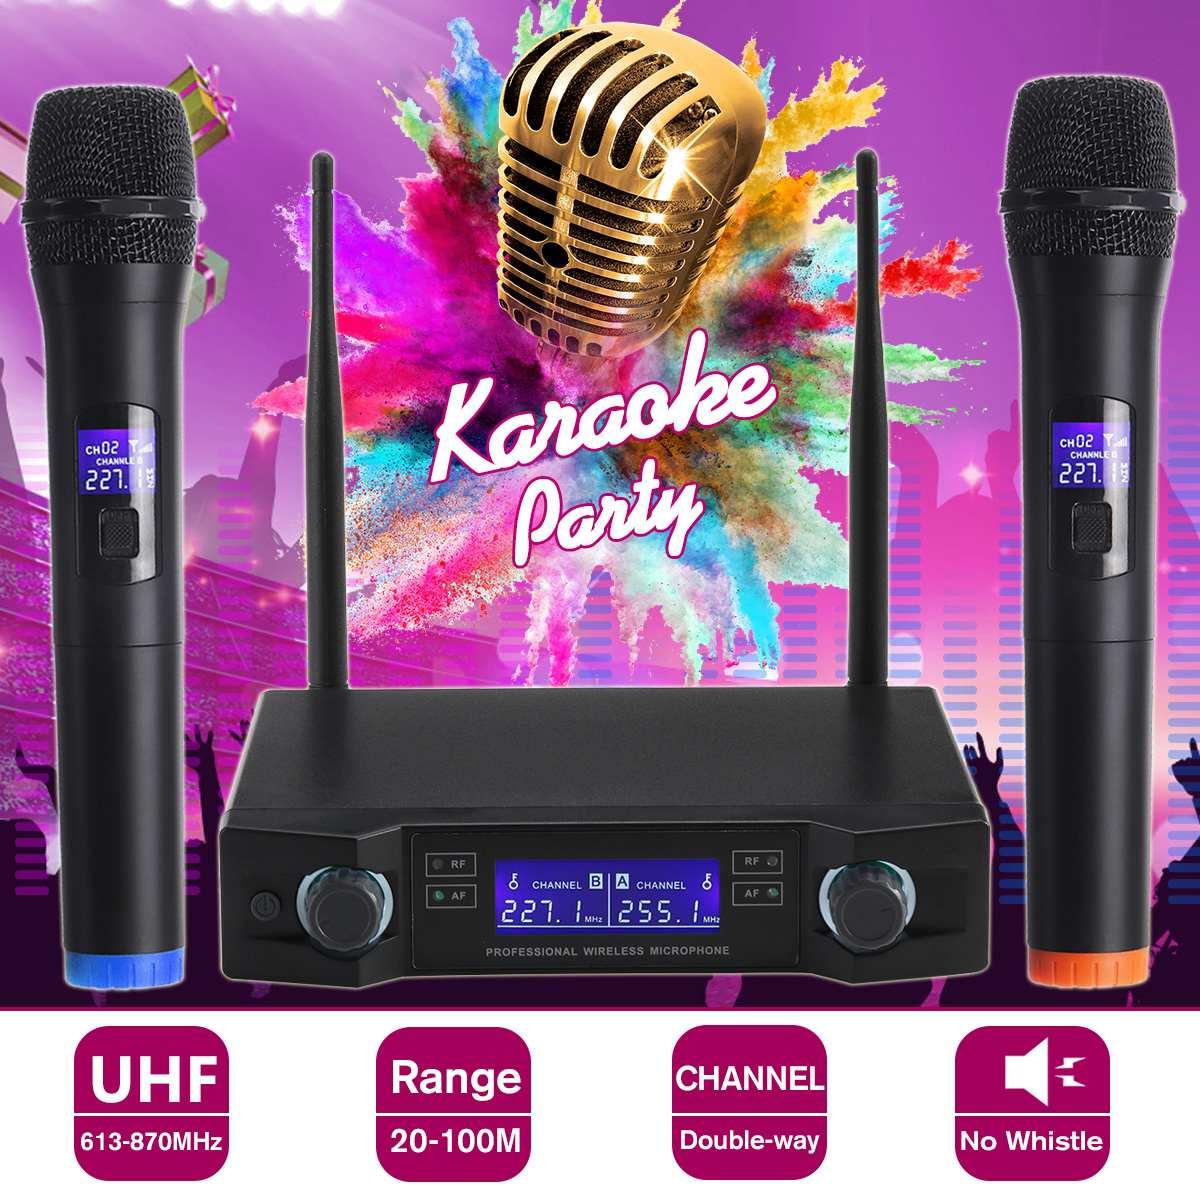 Système de Microphone sans fil UHF dynamique 2 canaux 2 poche karaoké Microphone cardioïde professionnel